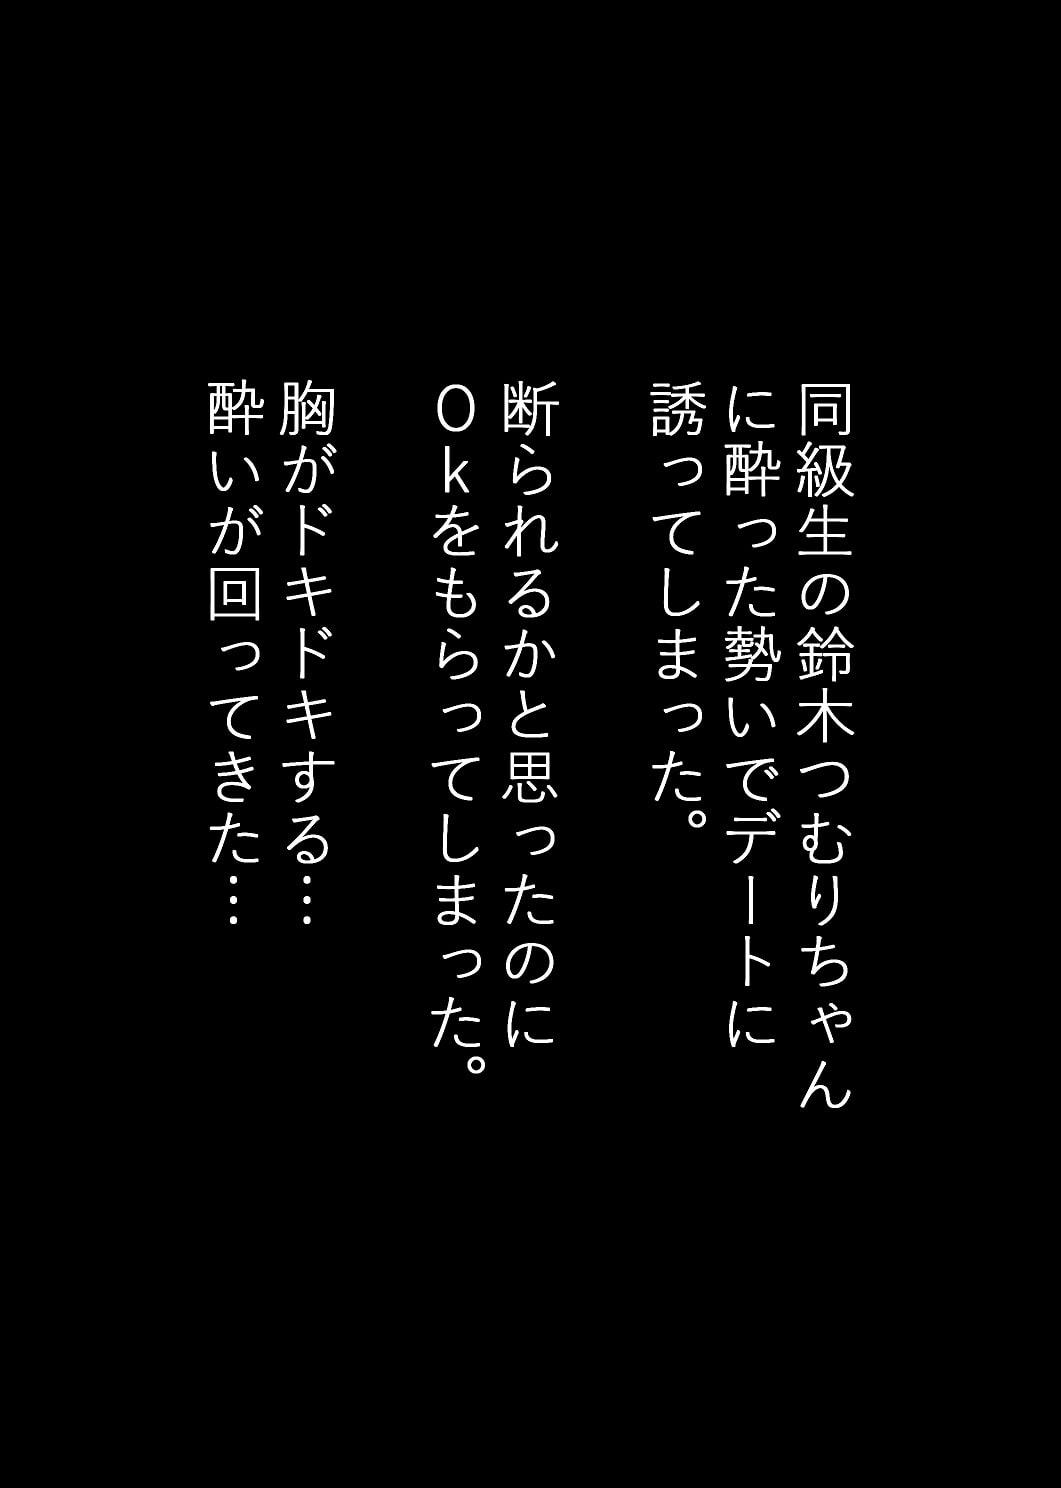 RJ343873 DOOR~ツインテ美少女といちゃらぶえっちをする話~ [20210918]